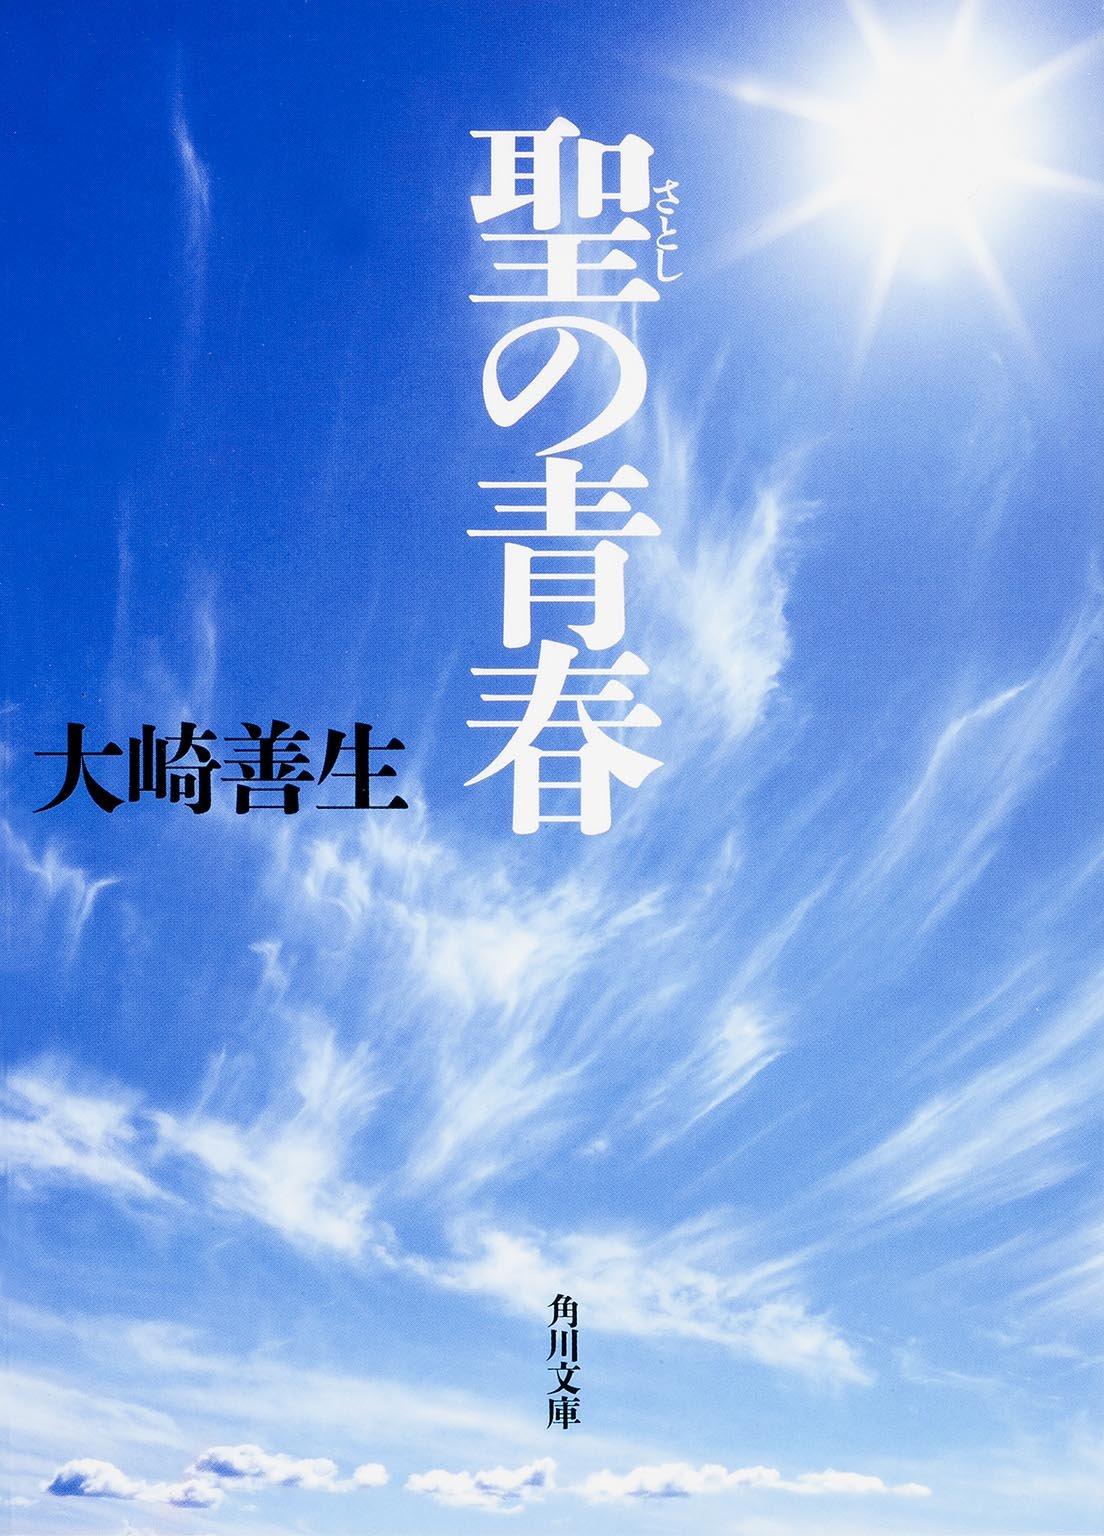 大崎善生おすすめランキングベスト5!映画化作品『聖の青春』以外も傑作多数